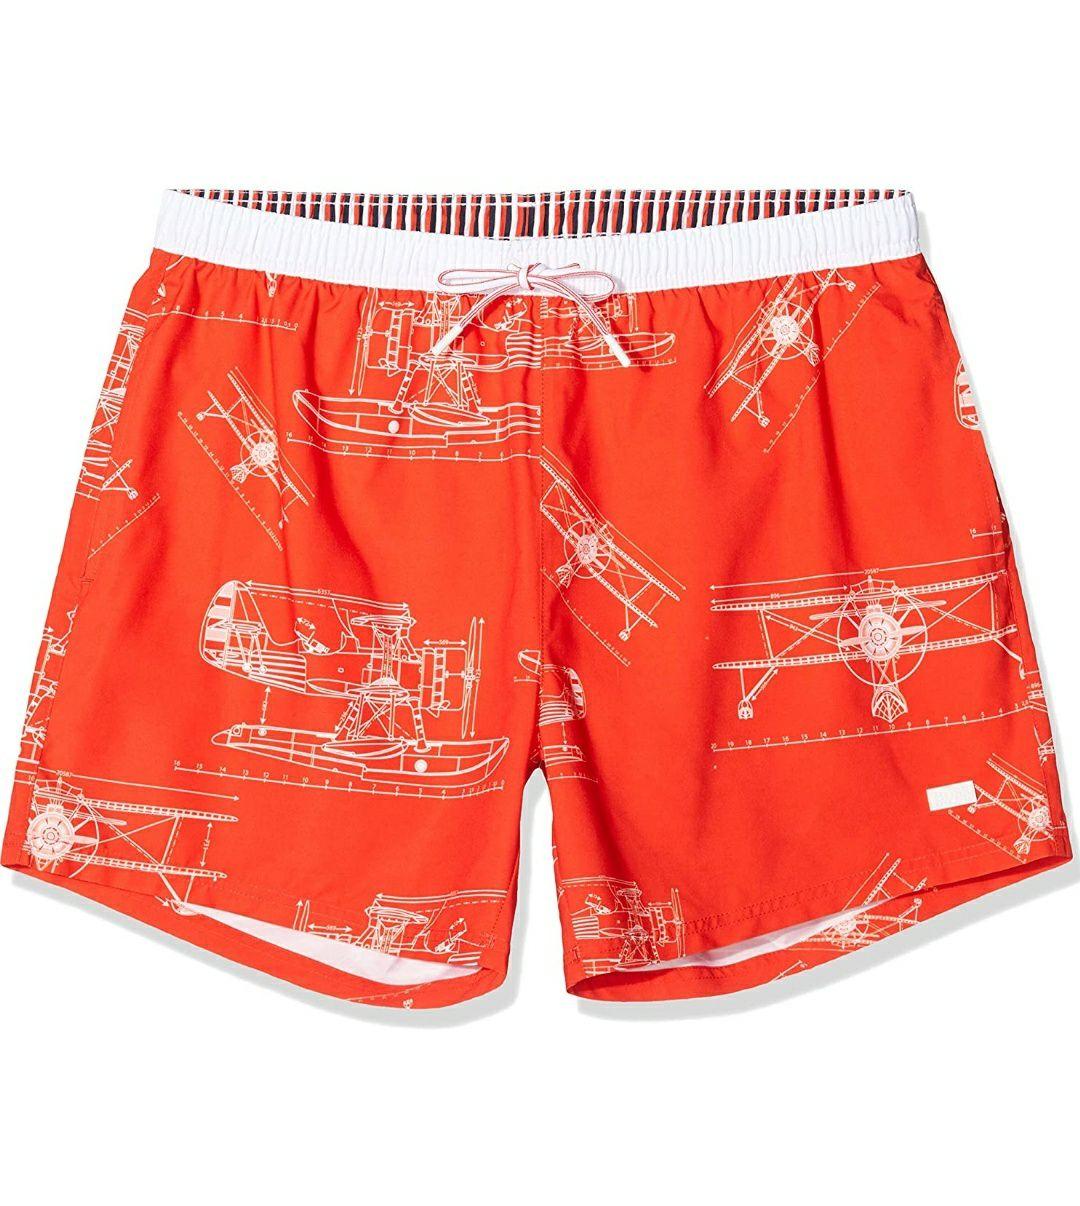 Hugo Boss Heren zwembroek (Oranje)